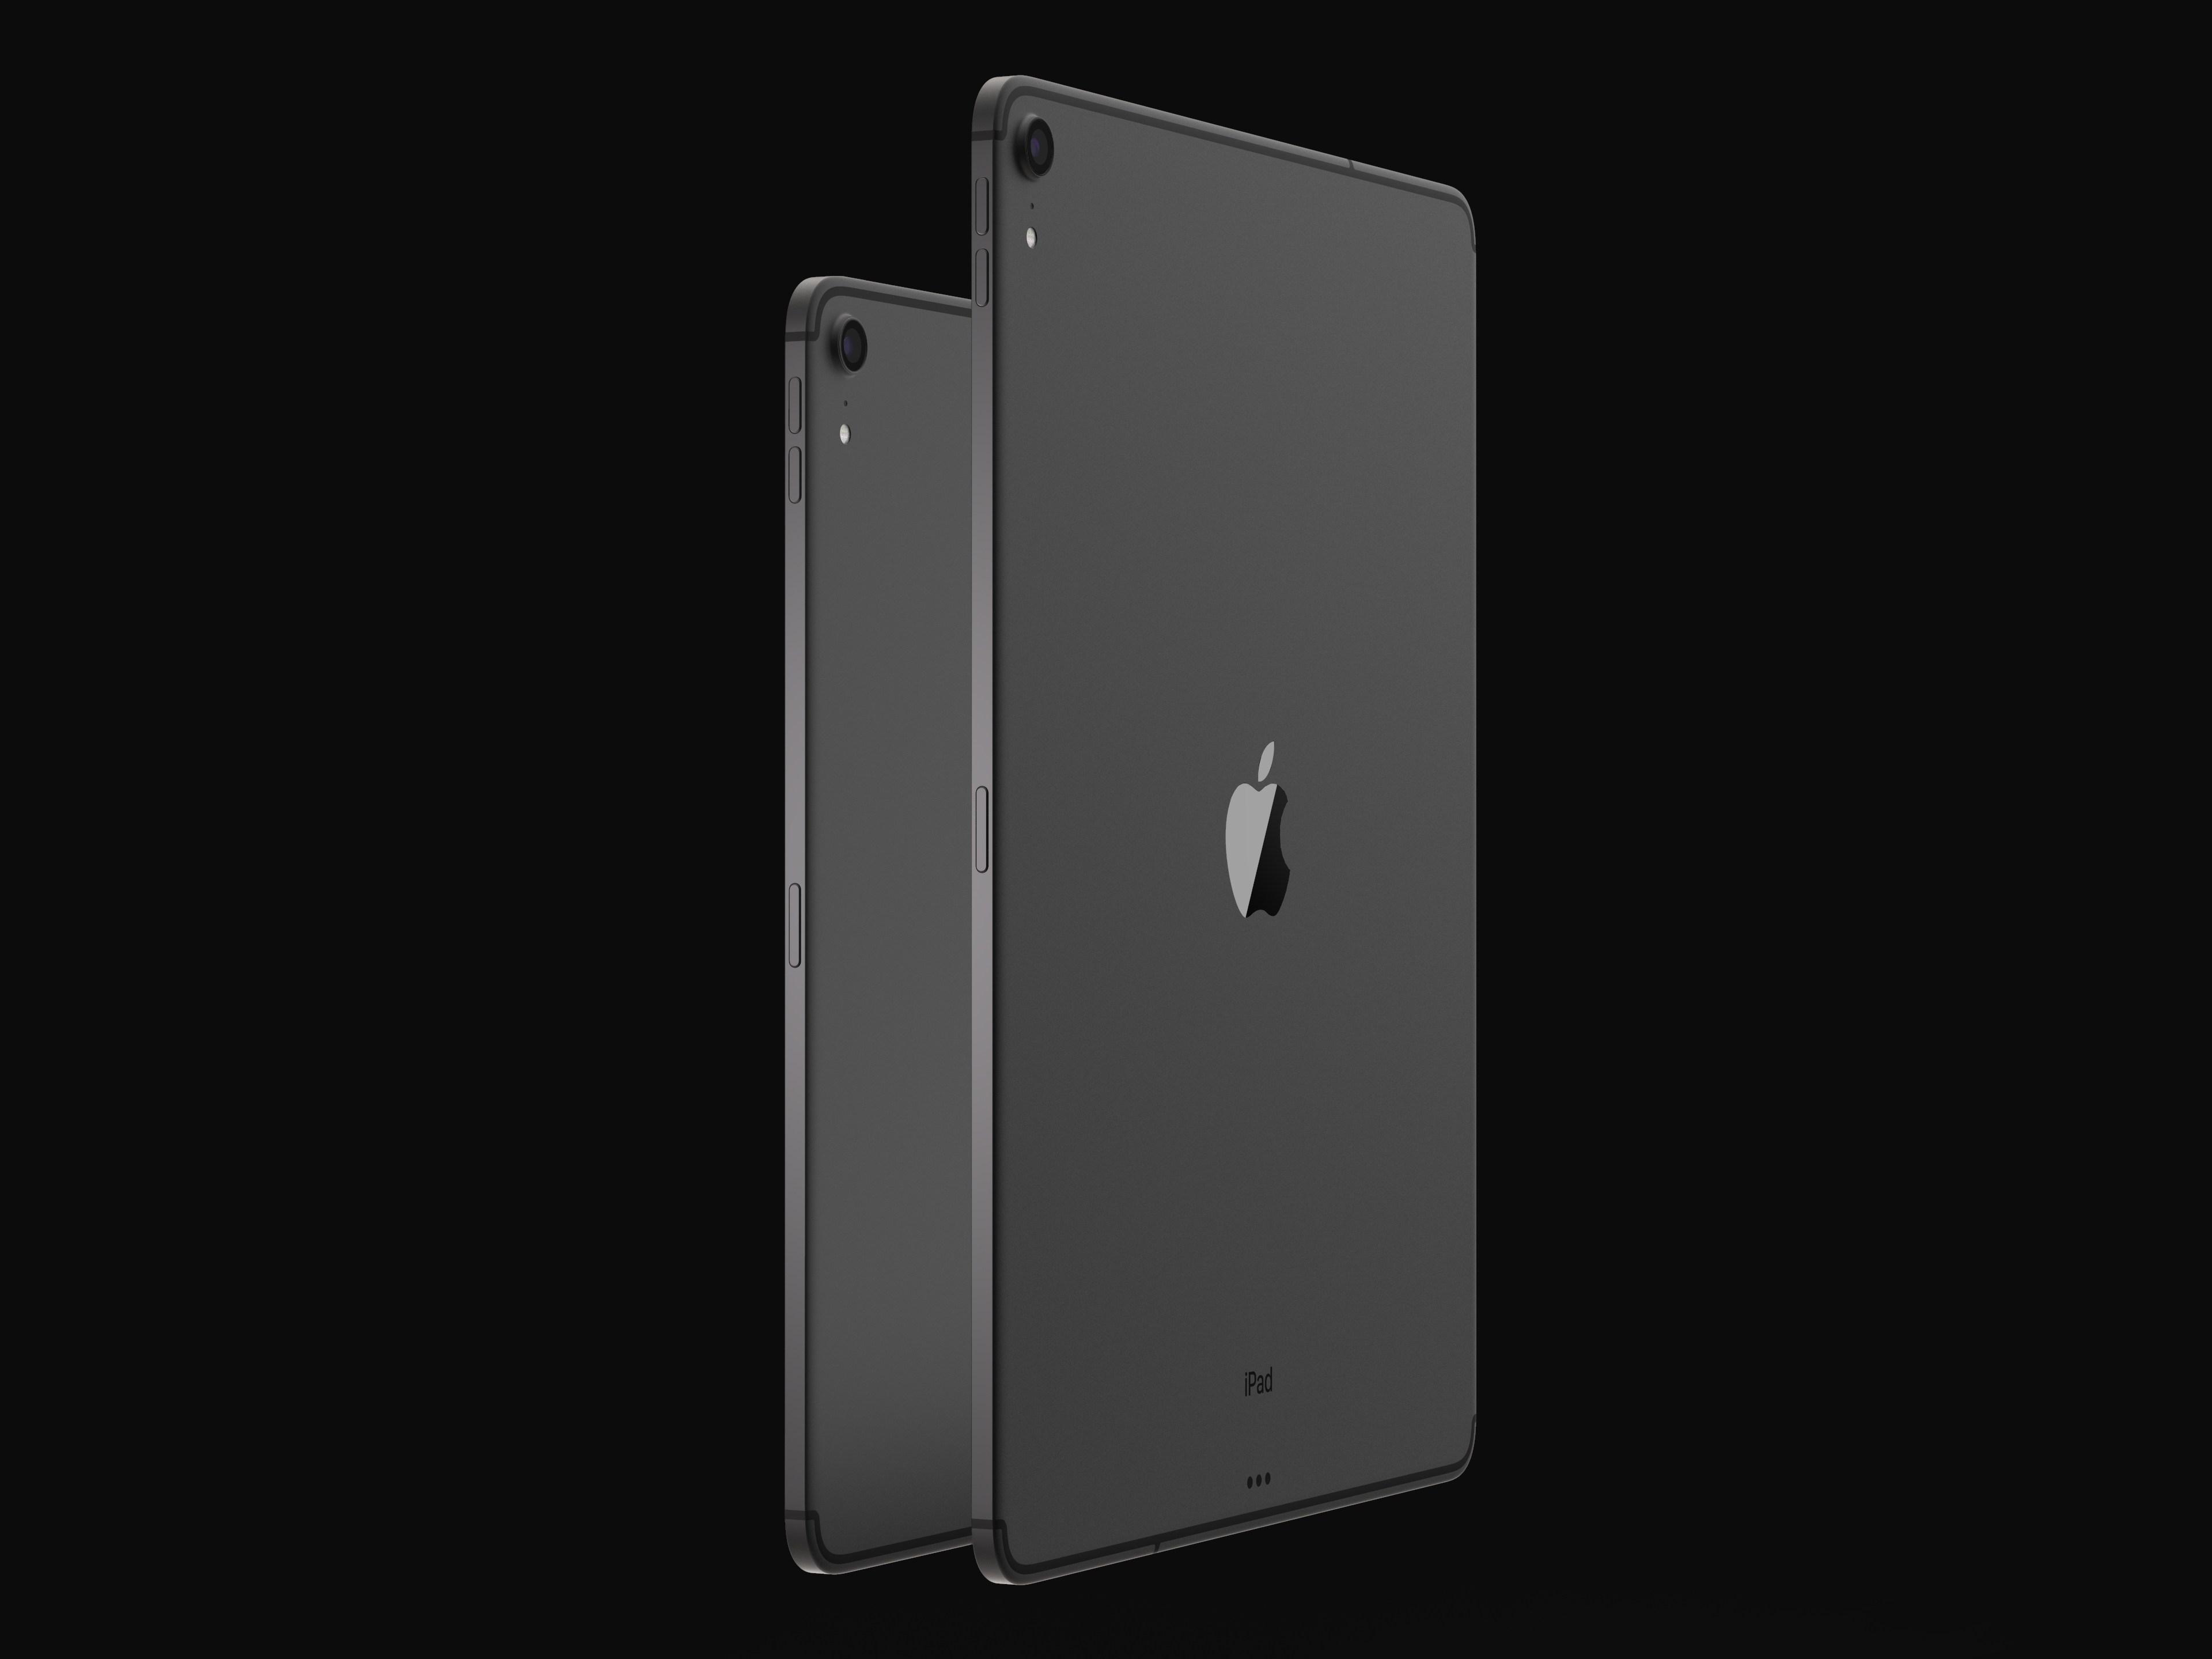 iPad Pro 2018 concept design